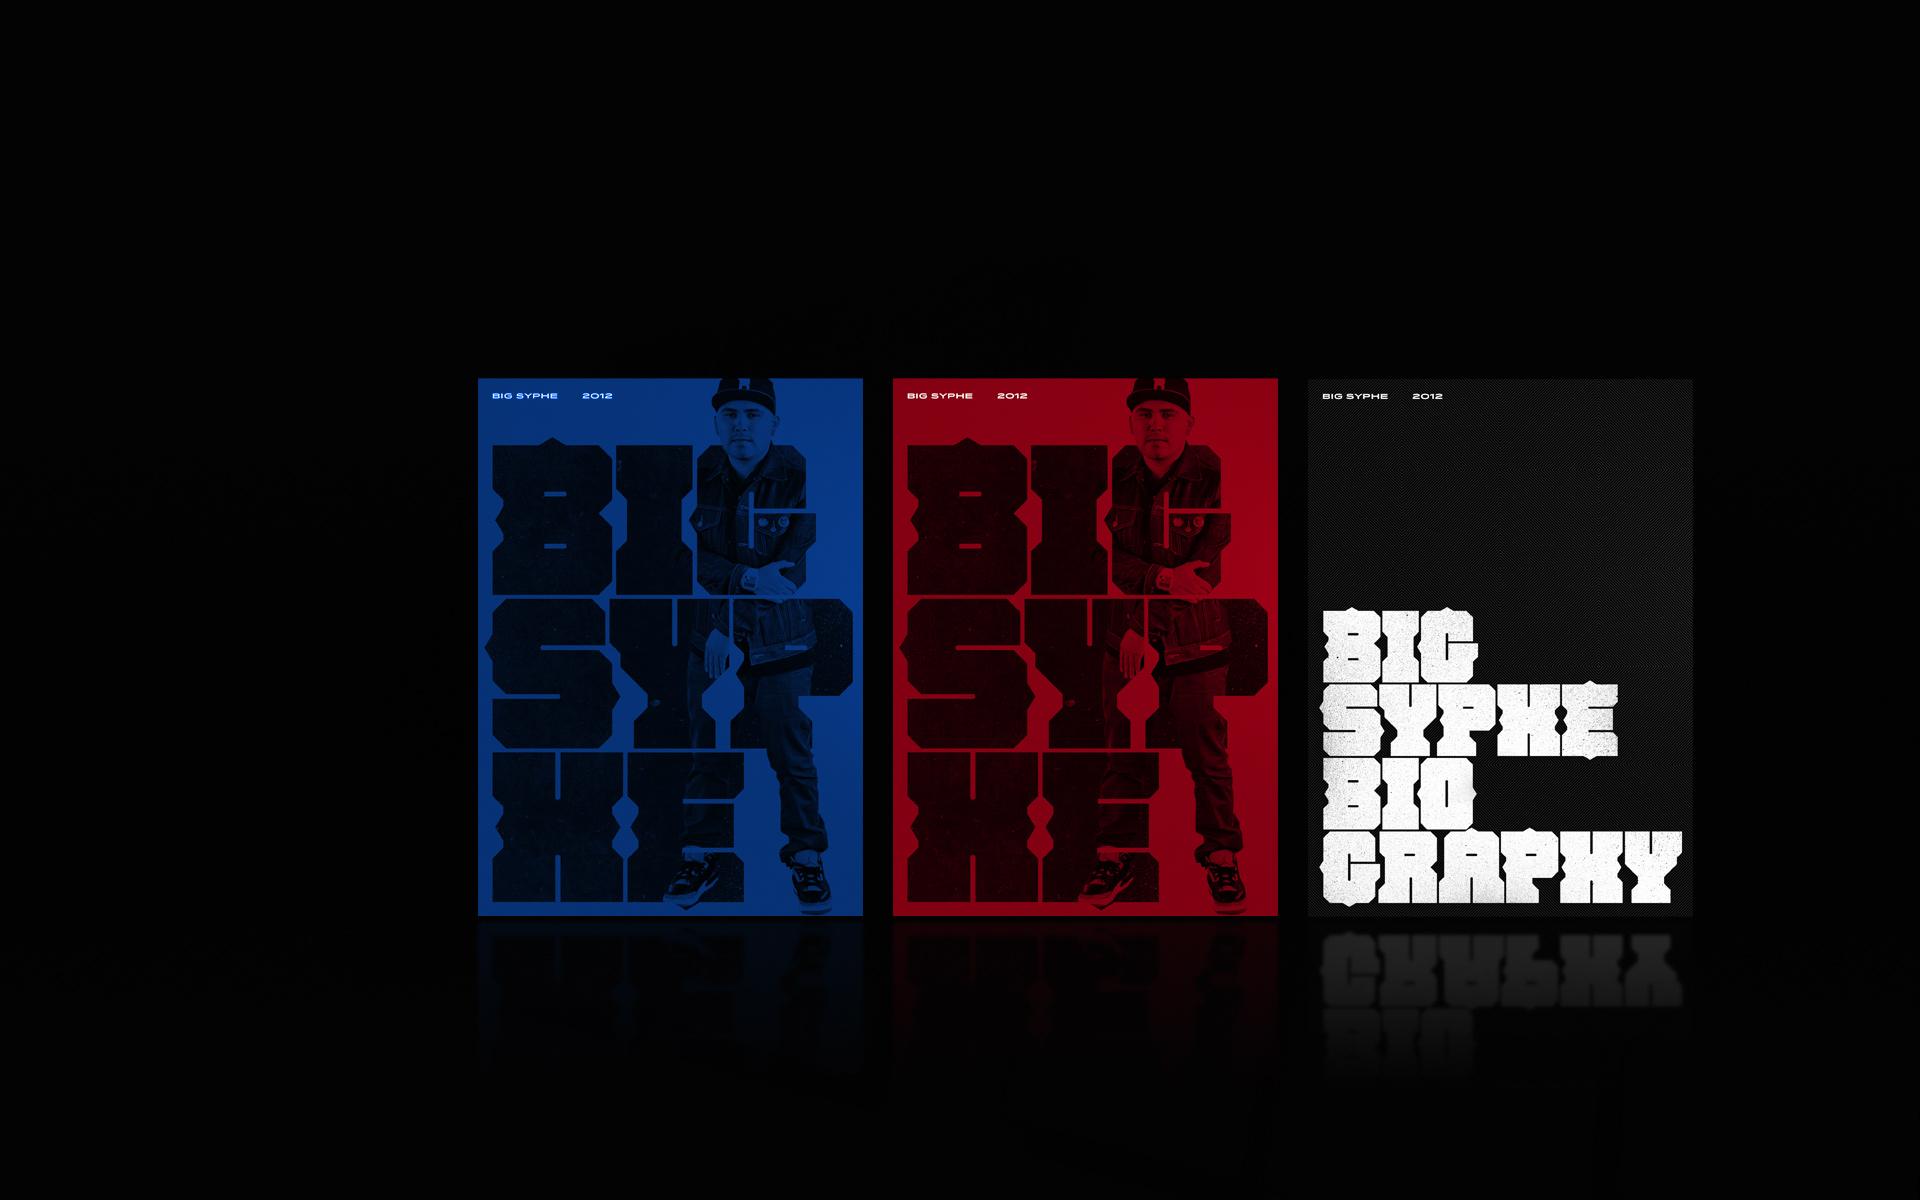 Bigsyphe_slide3.jpg